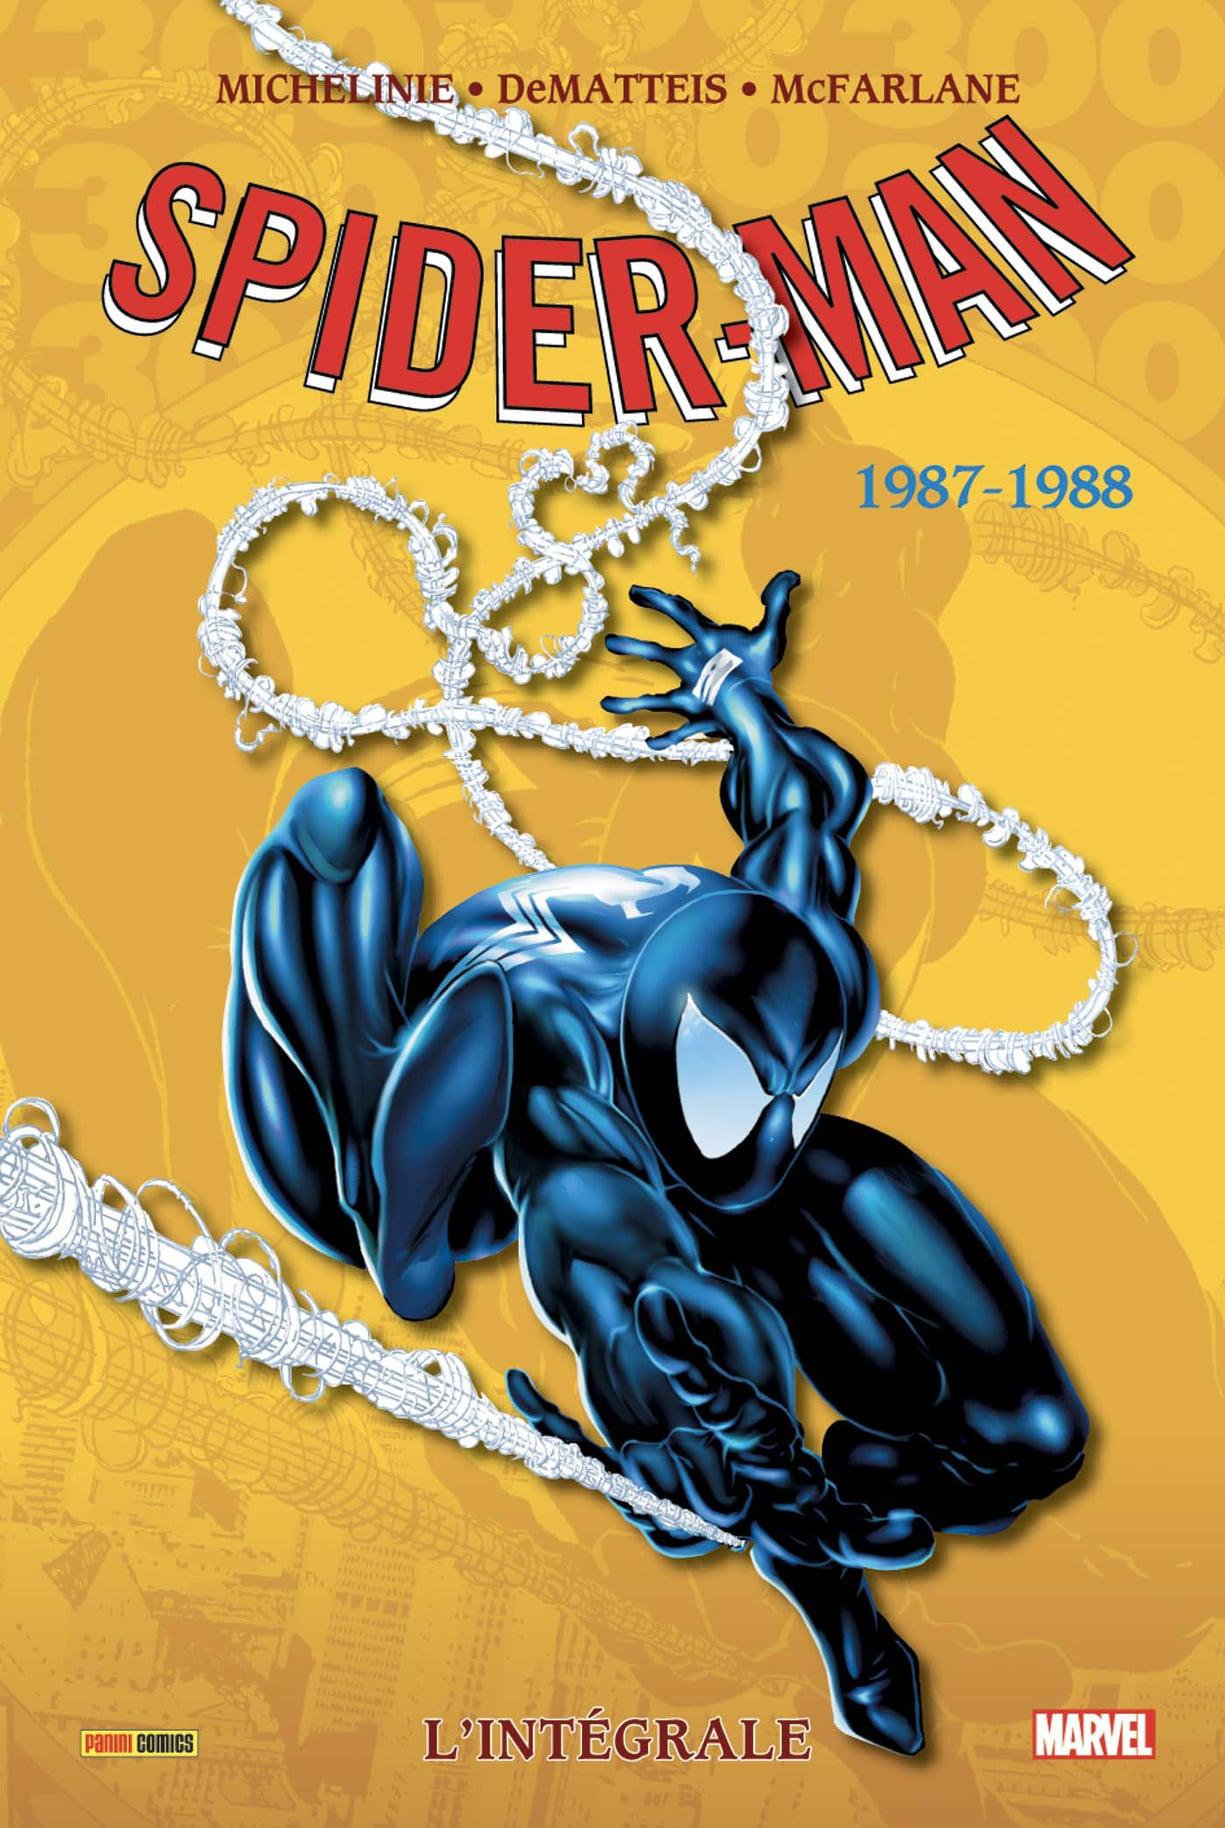 SPIDER-MAN : L'INTÉGRALE 1987-1988